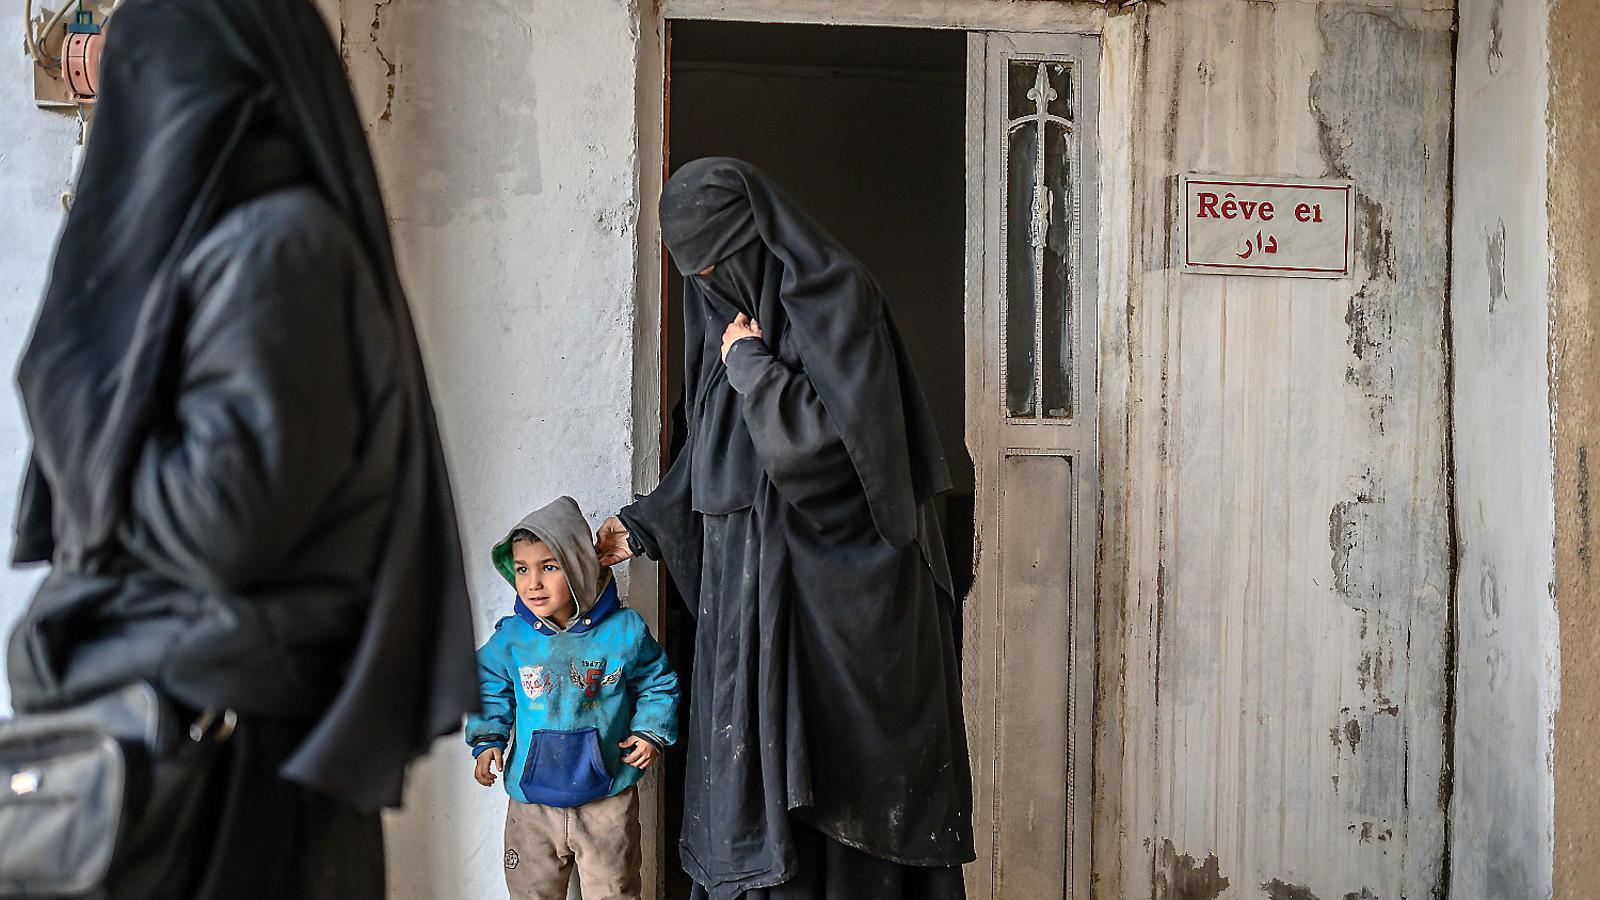 Què cal fer amb els europeus que han fet la jihad a Síria?